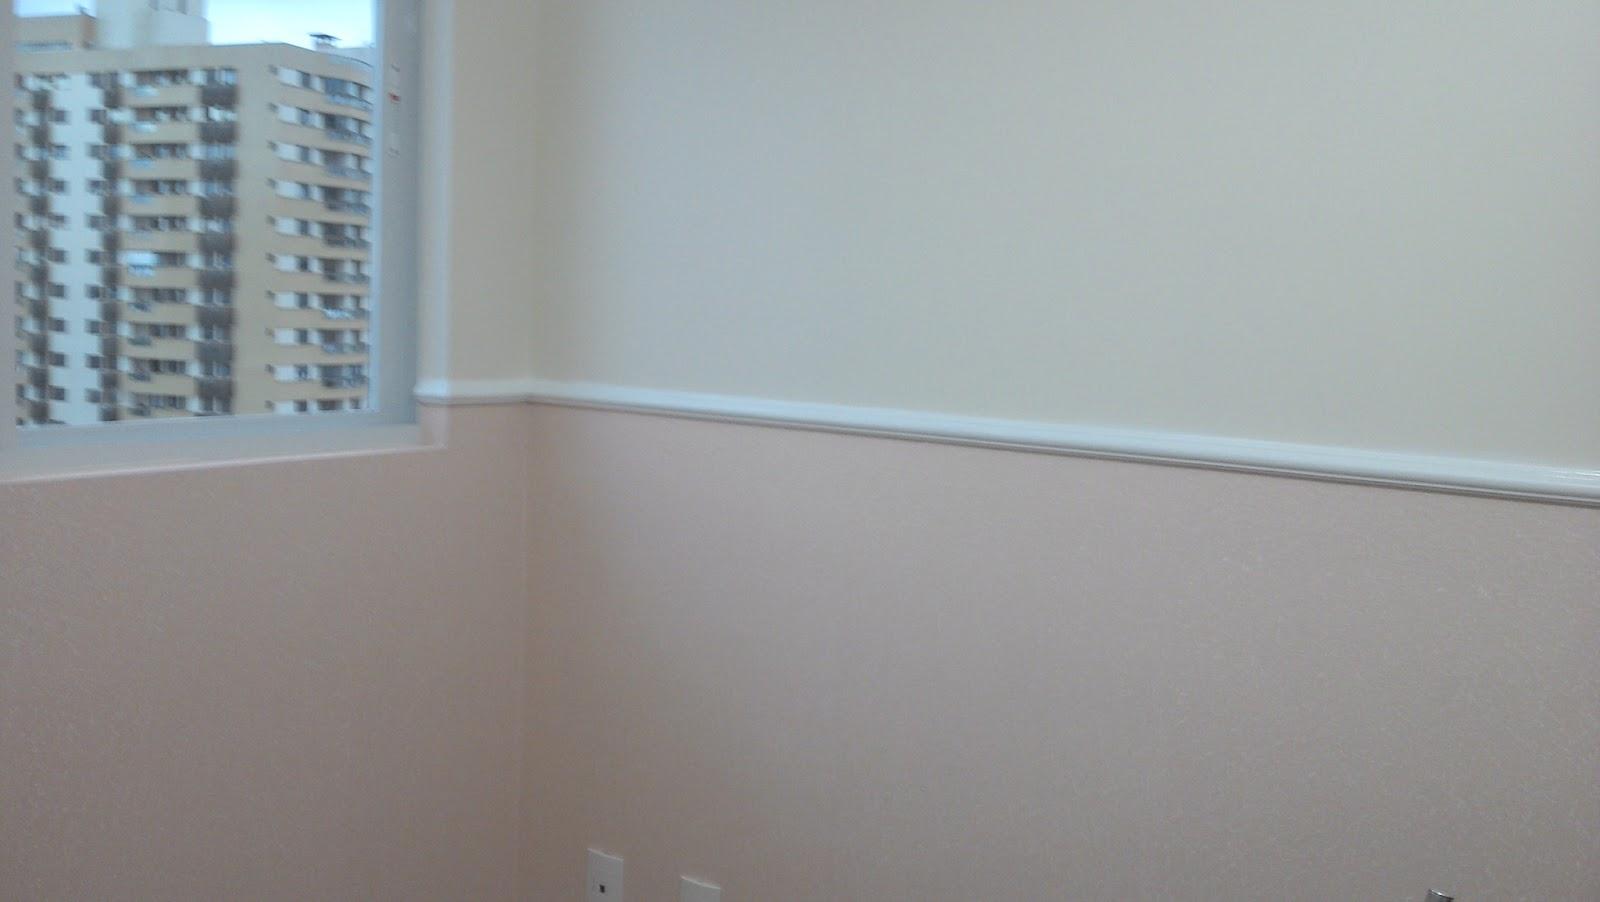 Decopar papel de parede e persianas papeis de parede e - Laminas de poliuretano para paredes ...